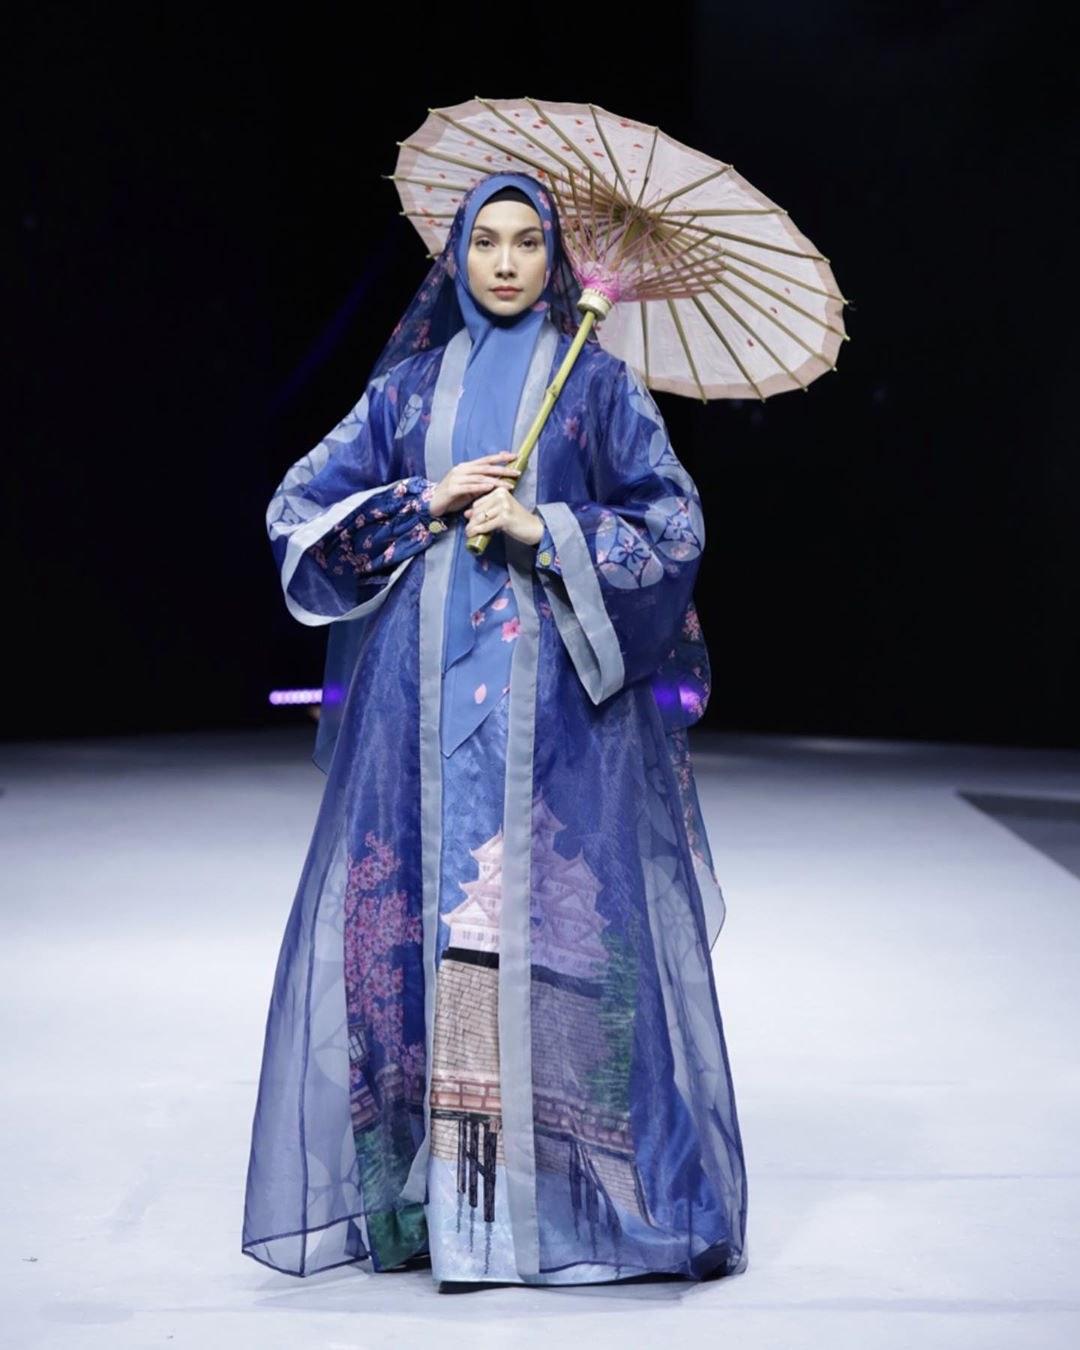 Inspirasi Model Baju Lebaran 2020 Drdp Inspirasi Model Baju Lebaran 2020 Dari Para Desainer